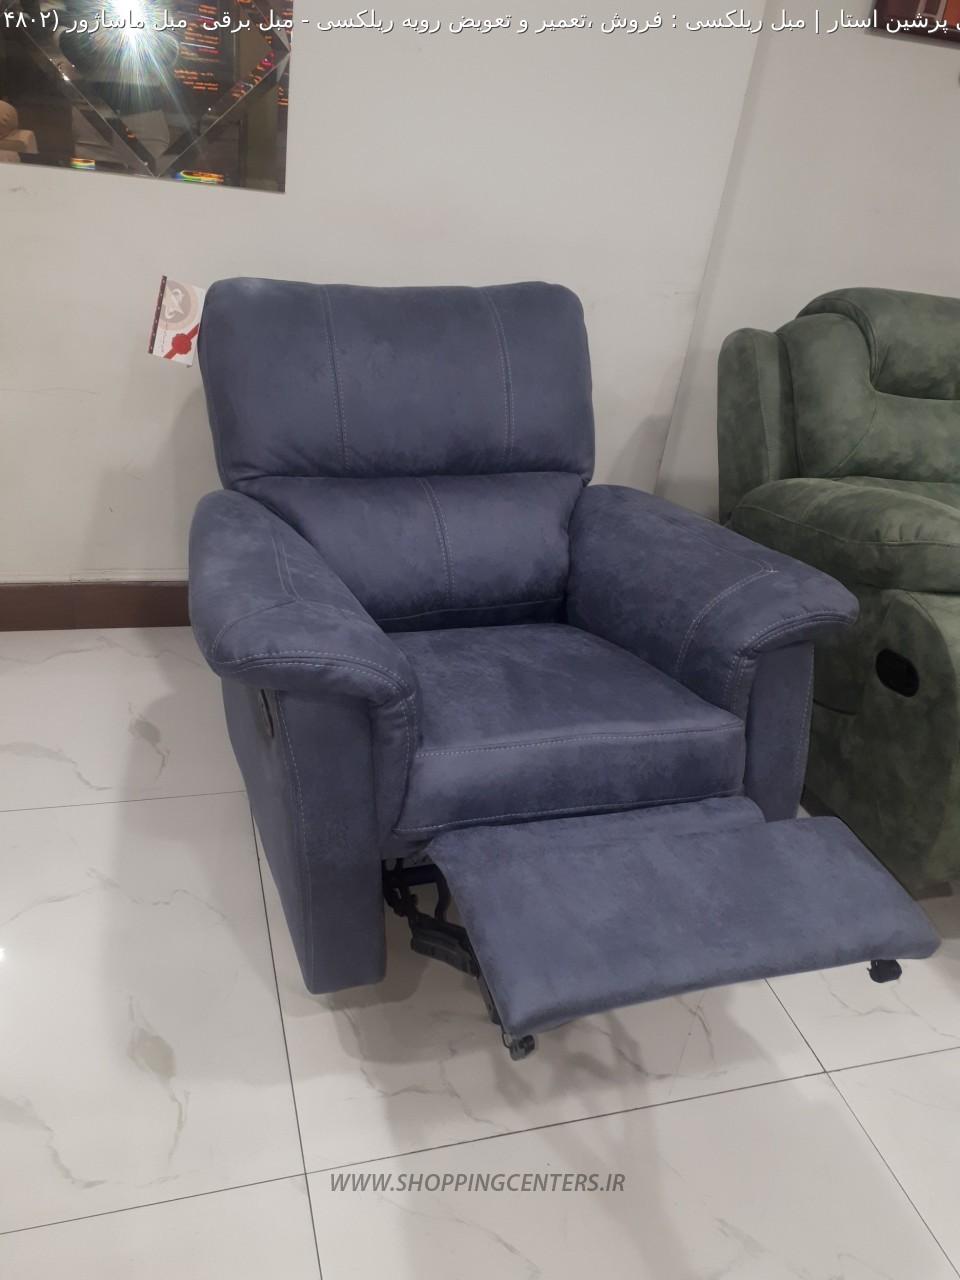 مبل ریلکسی صندلی ریلکسی  ماساژور  و گرمکن دار USB